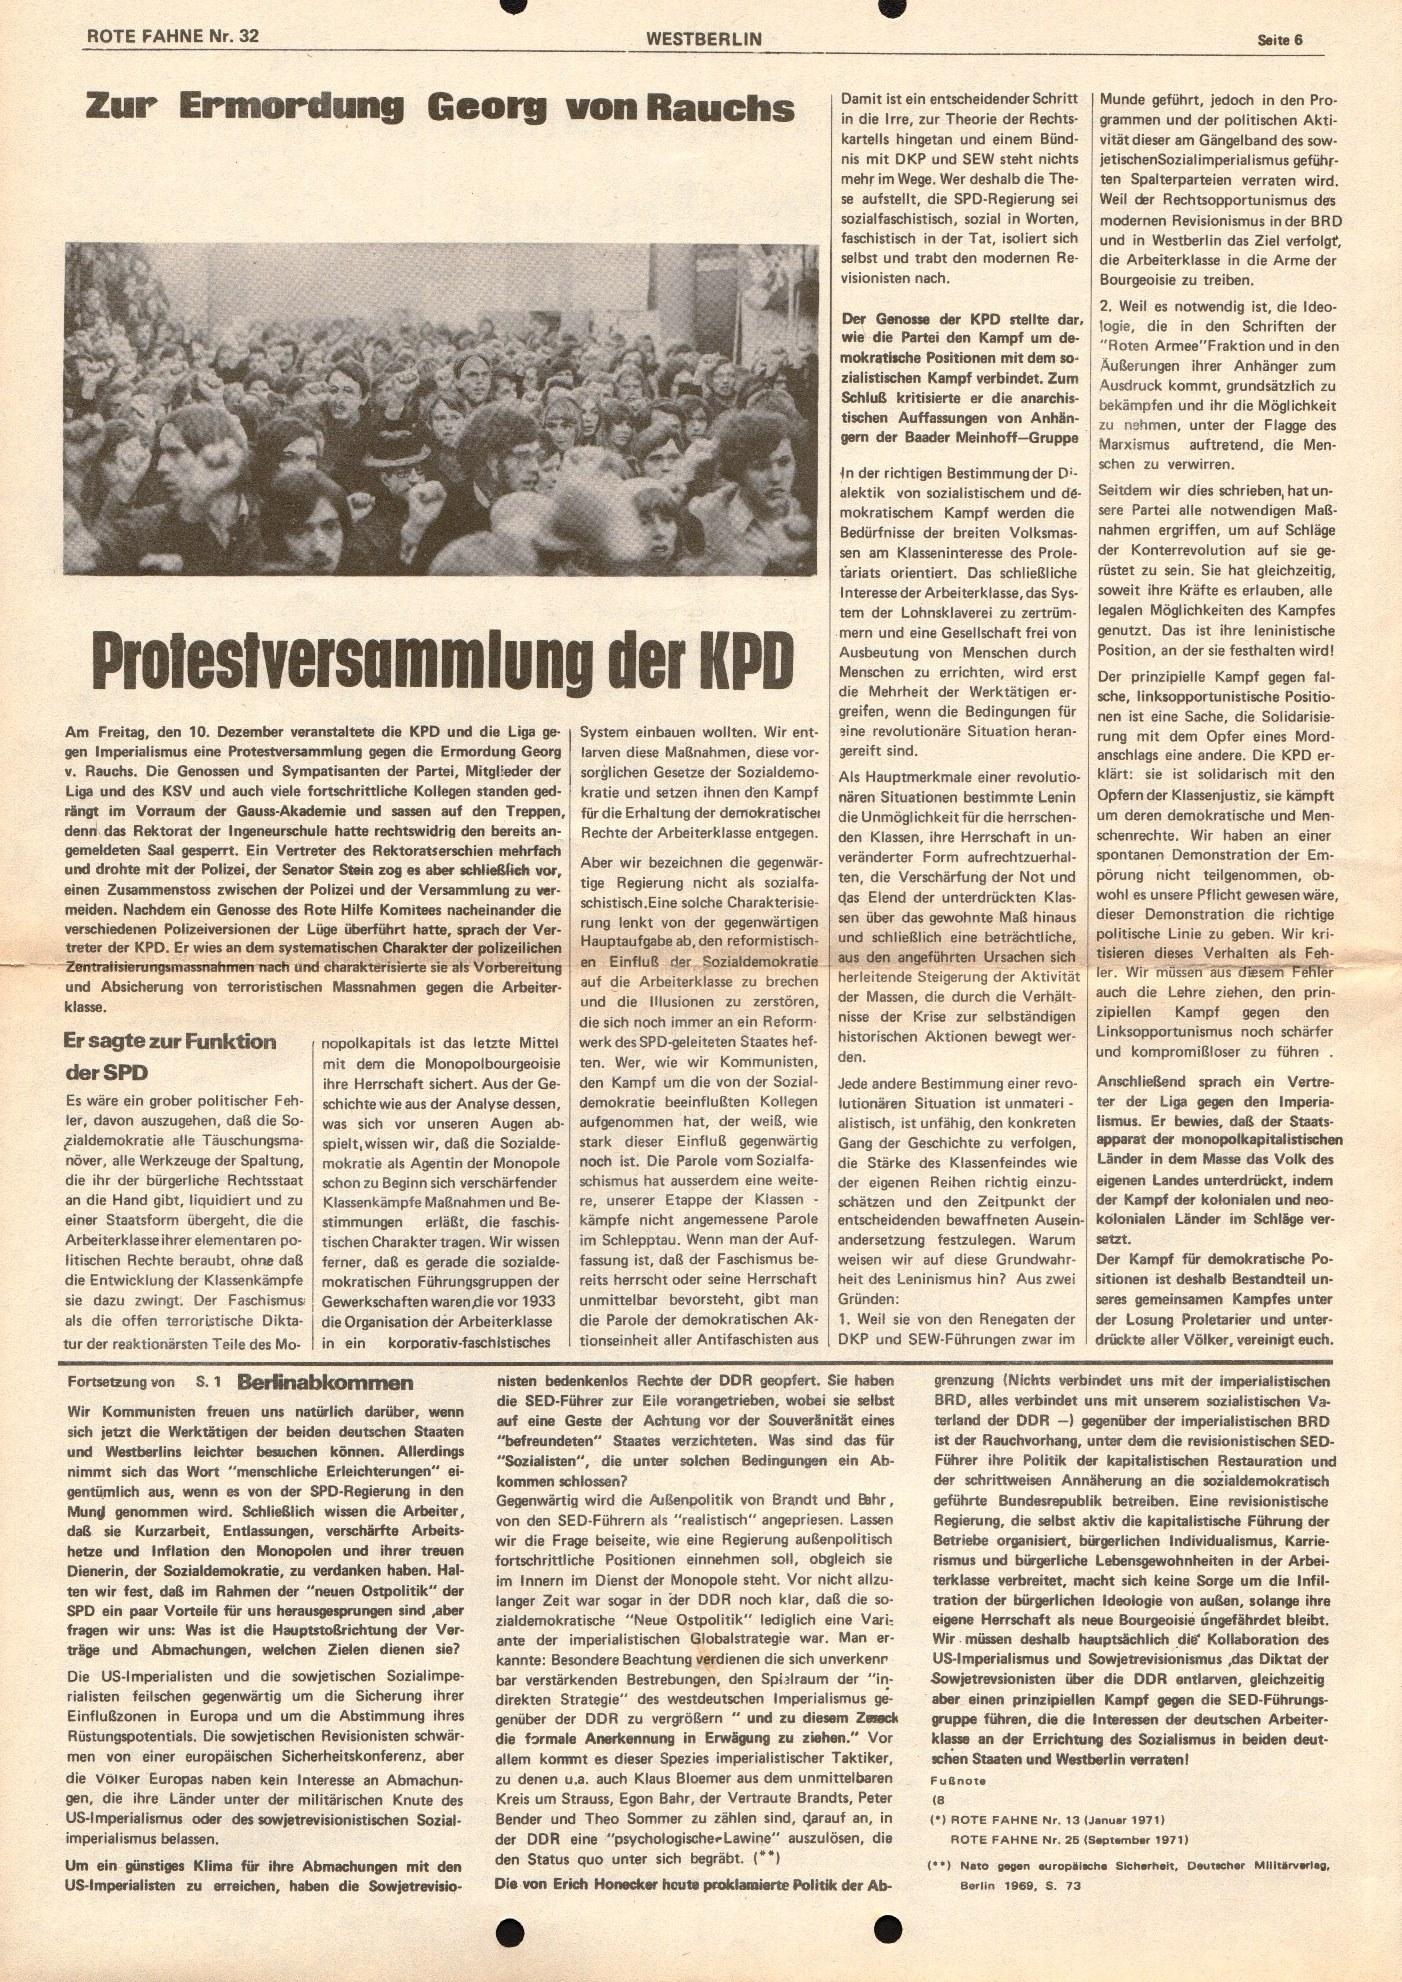 KPD_Rote_Fahne_1971_32_06